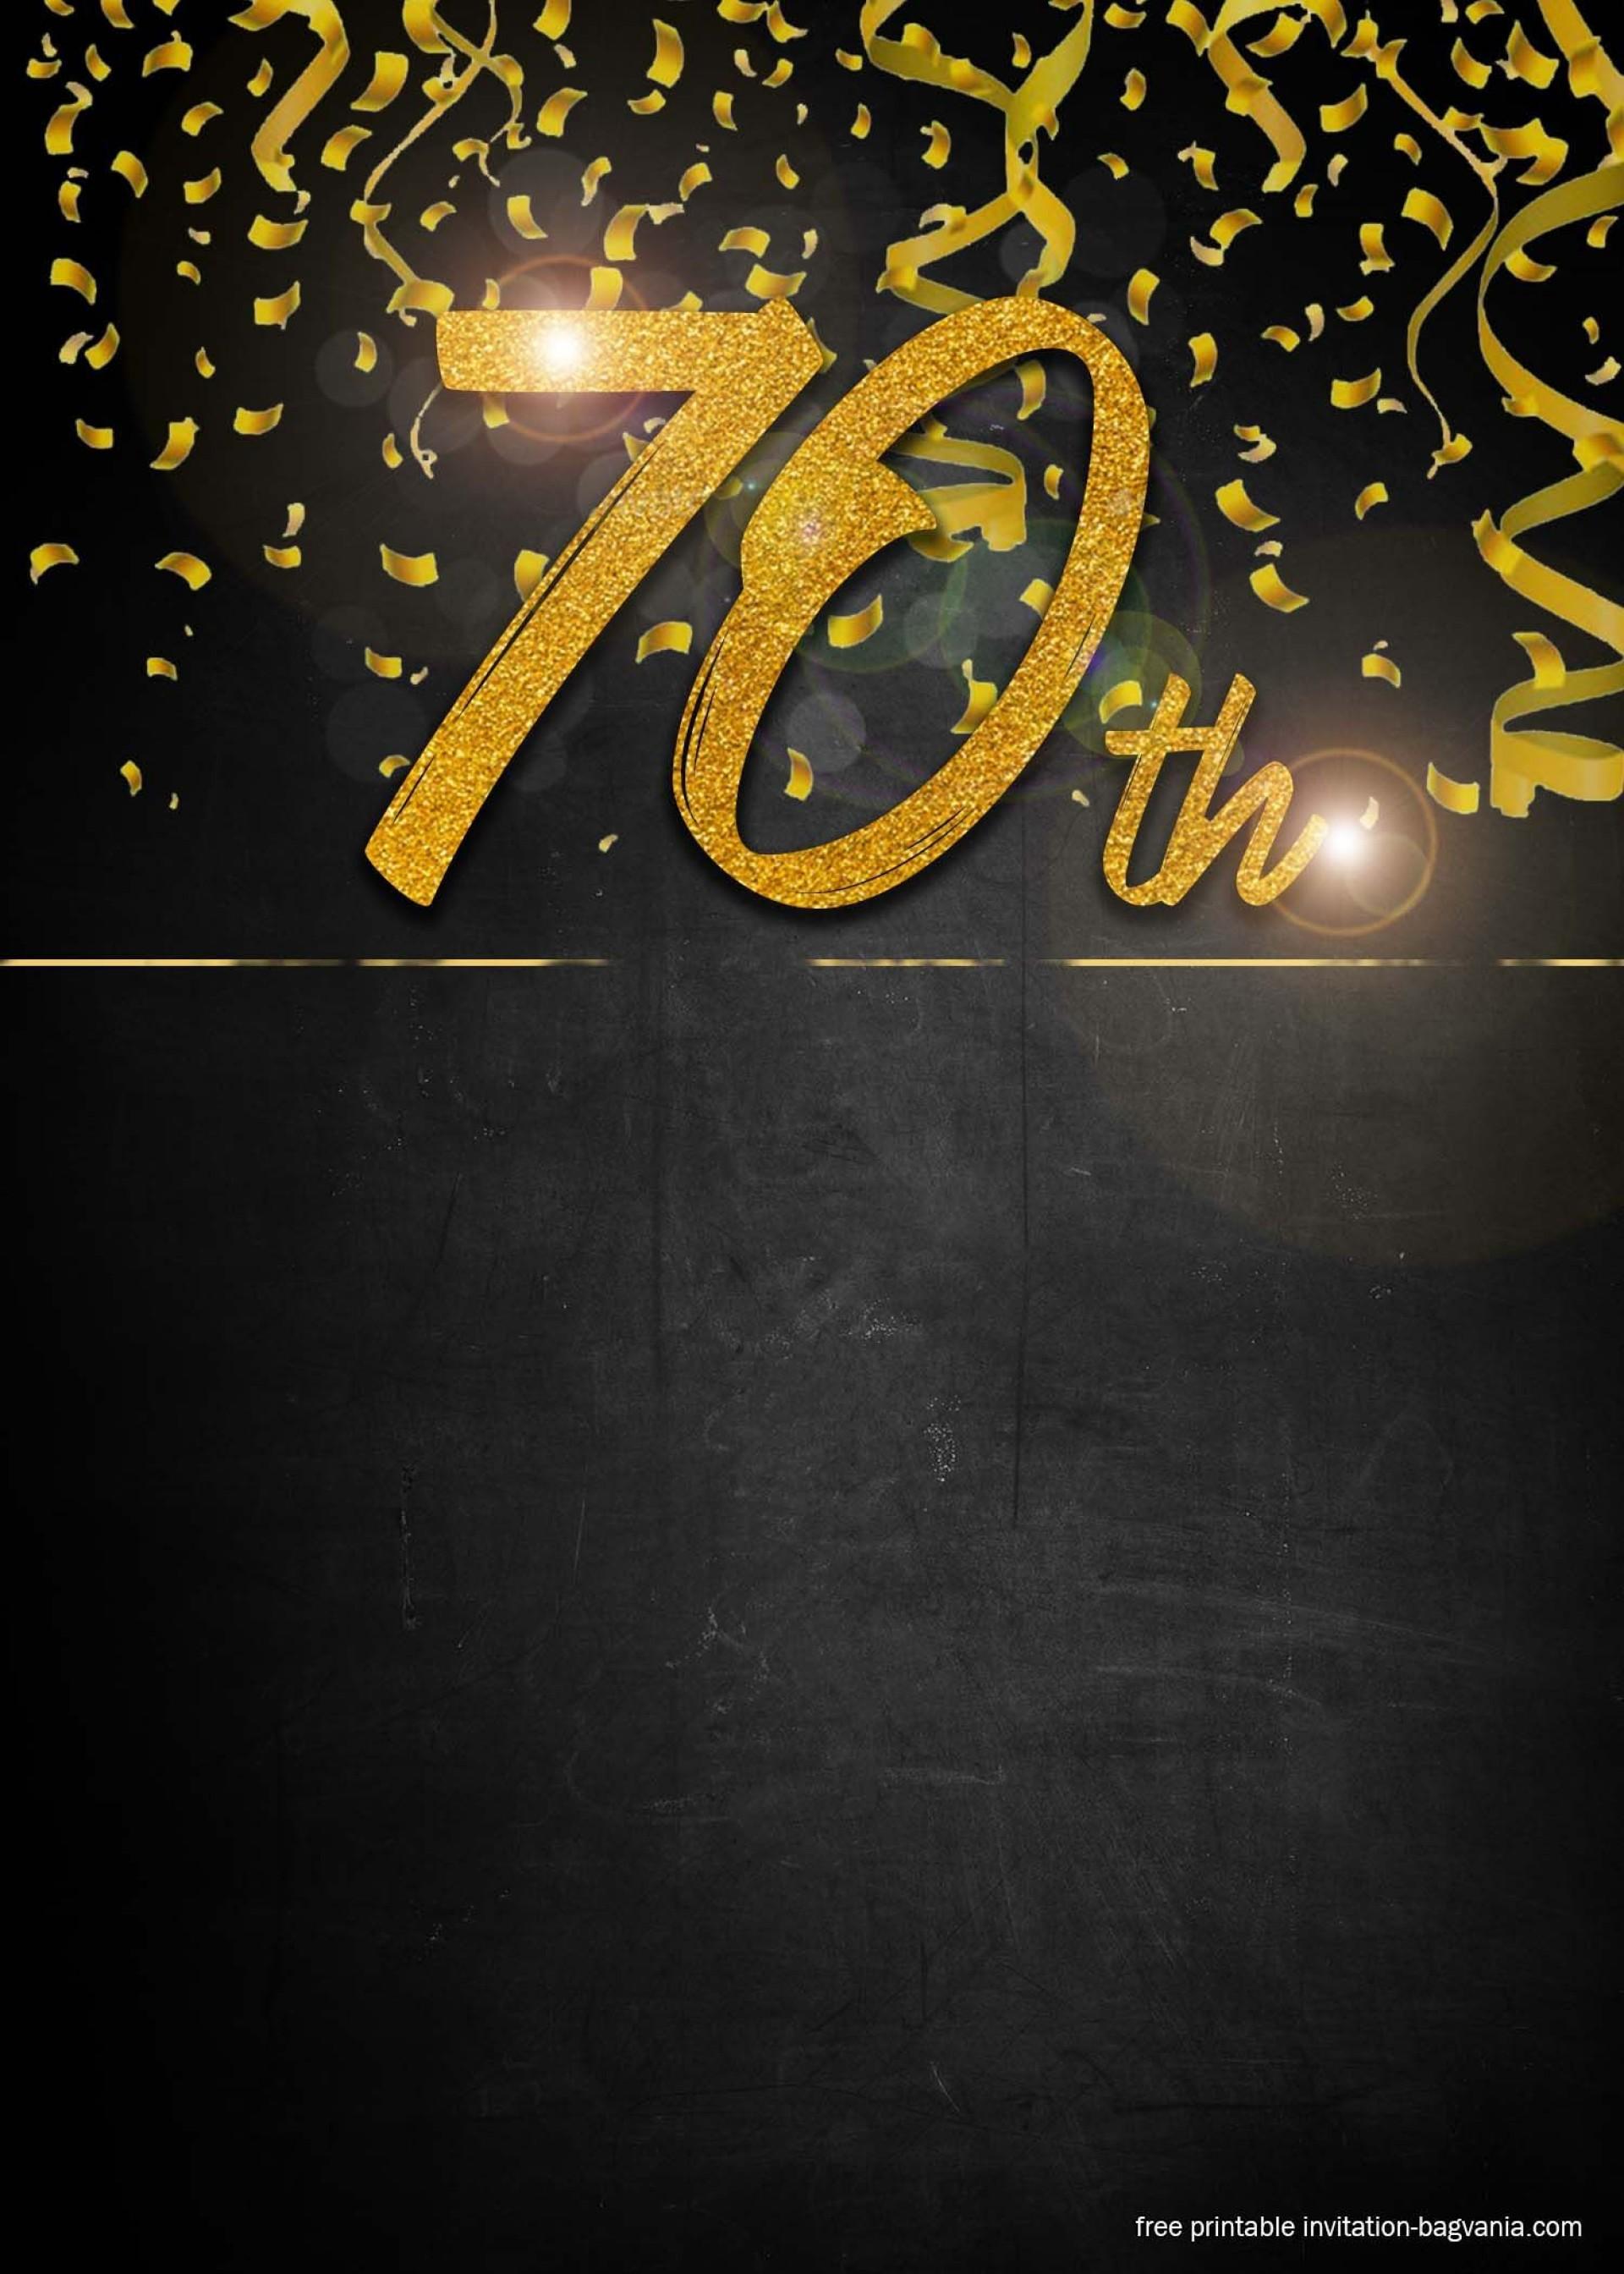 002 Unique 70th Birthday Invitation Template Free Image  Surprise Invite With Photo1920